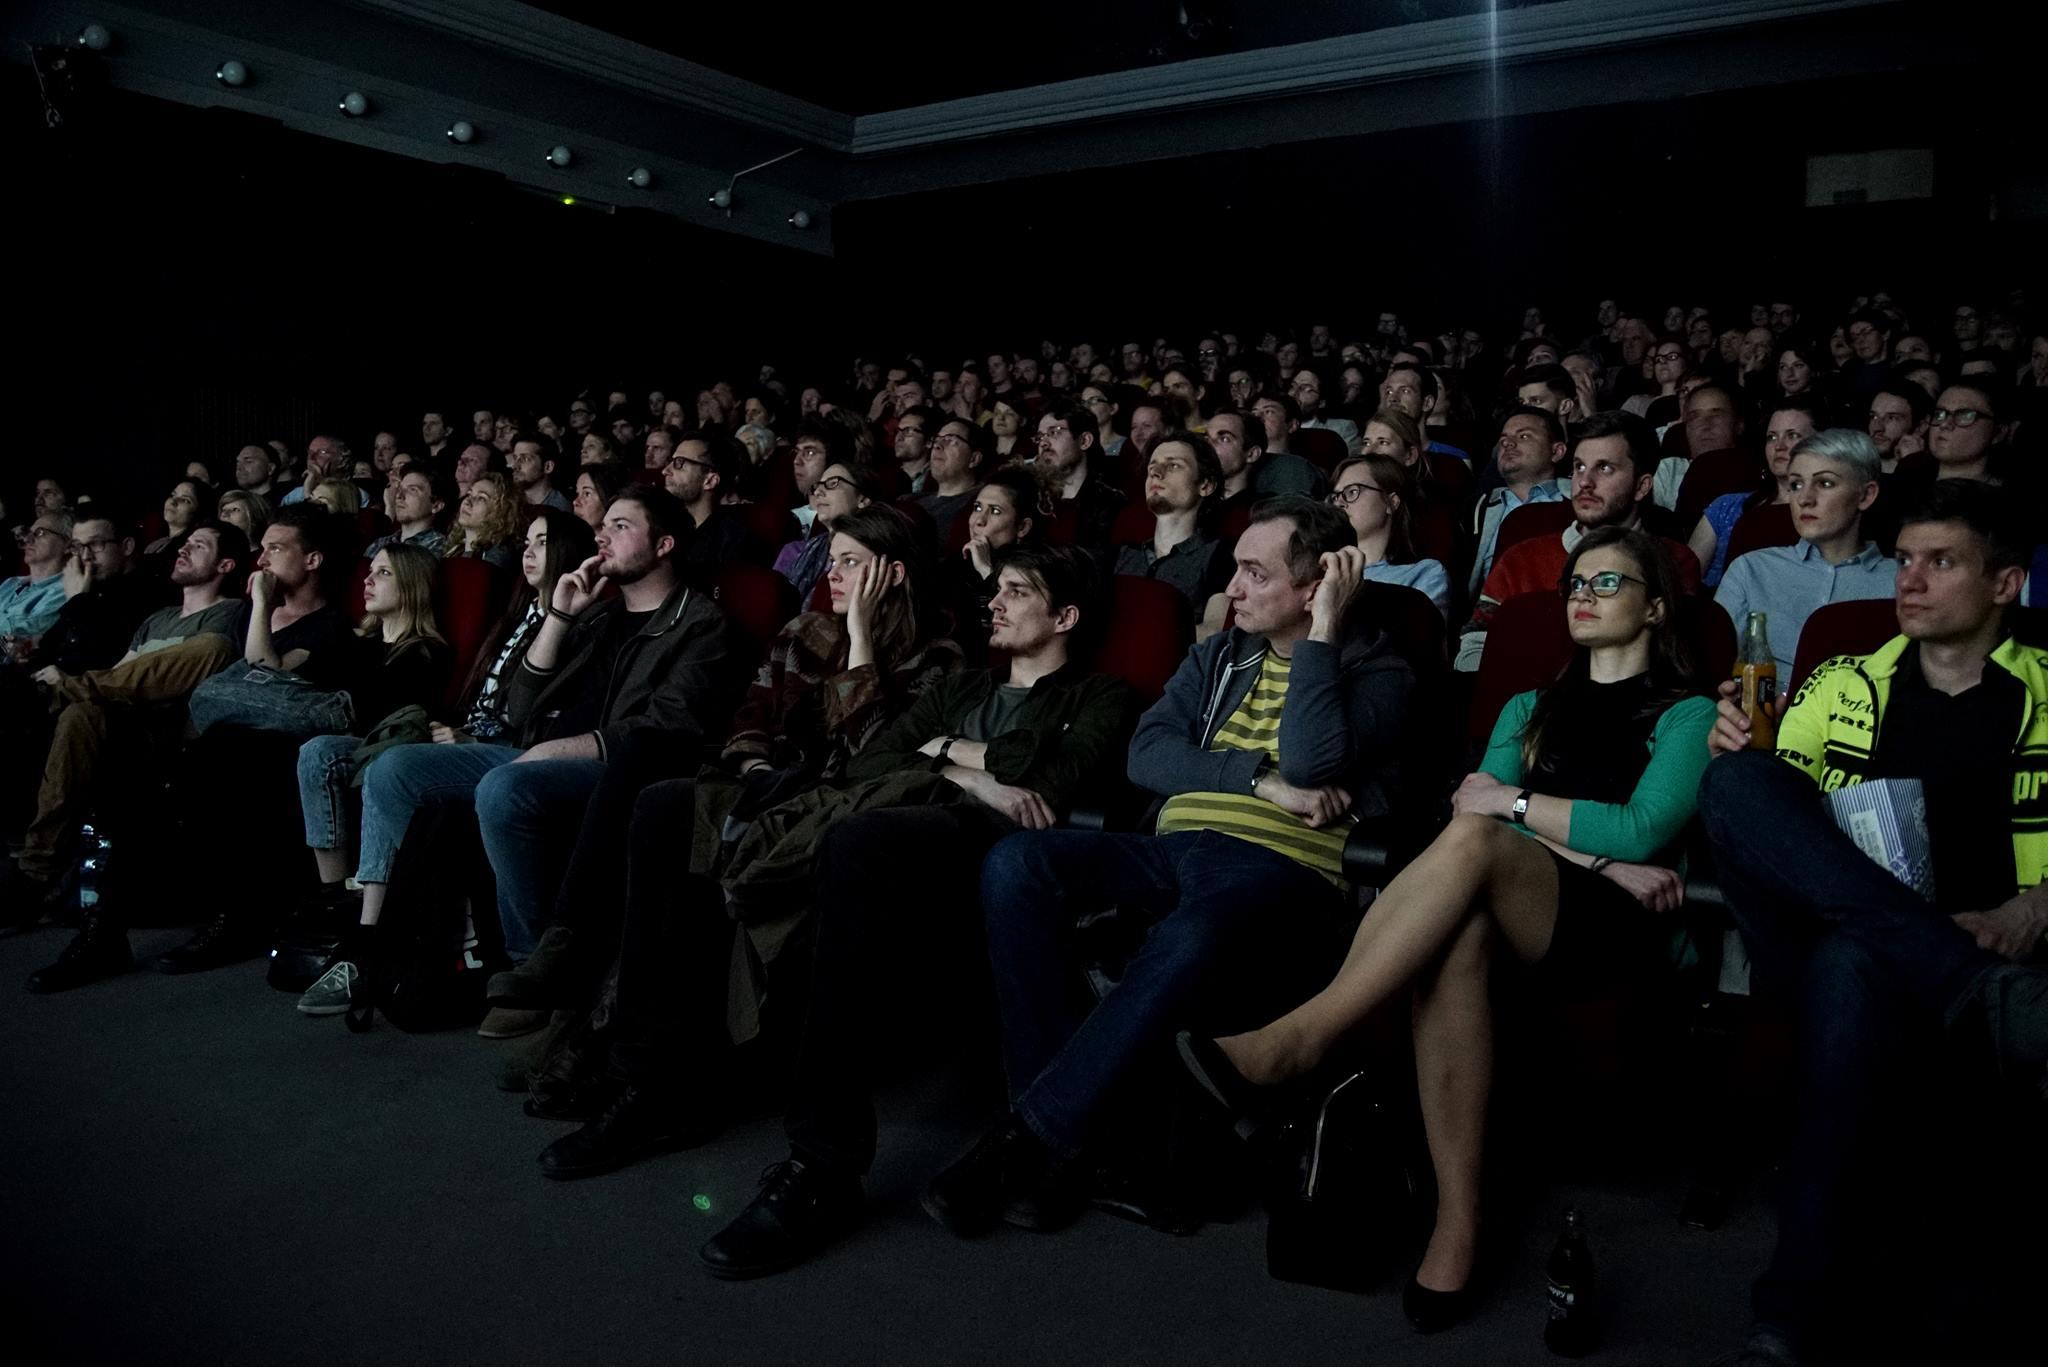 Szeptemberben lesz a Friss Hús nemzetközi rövidfilmfesztivál